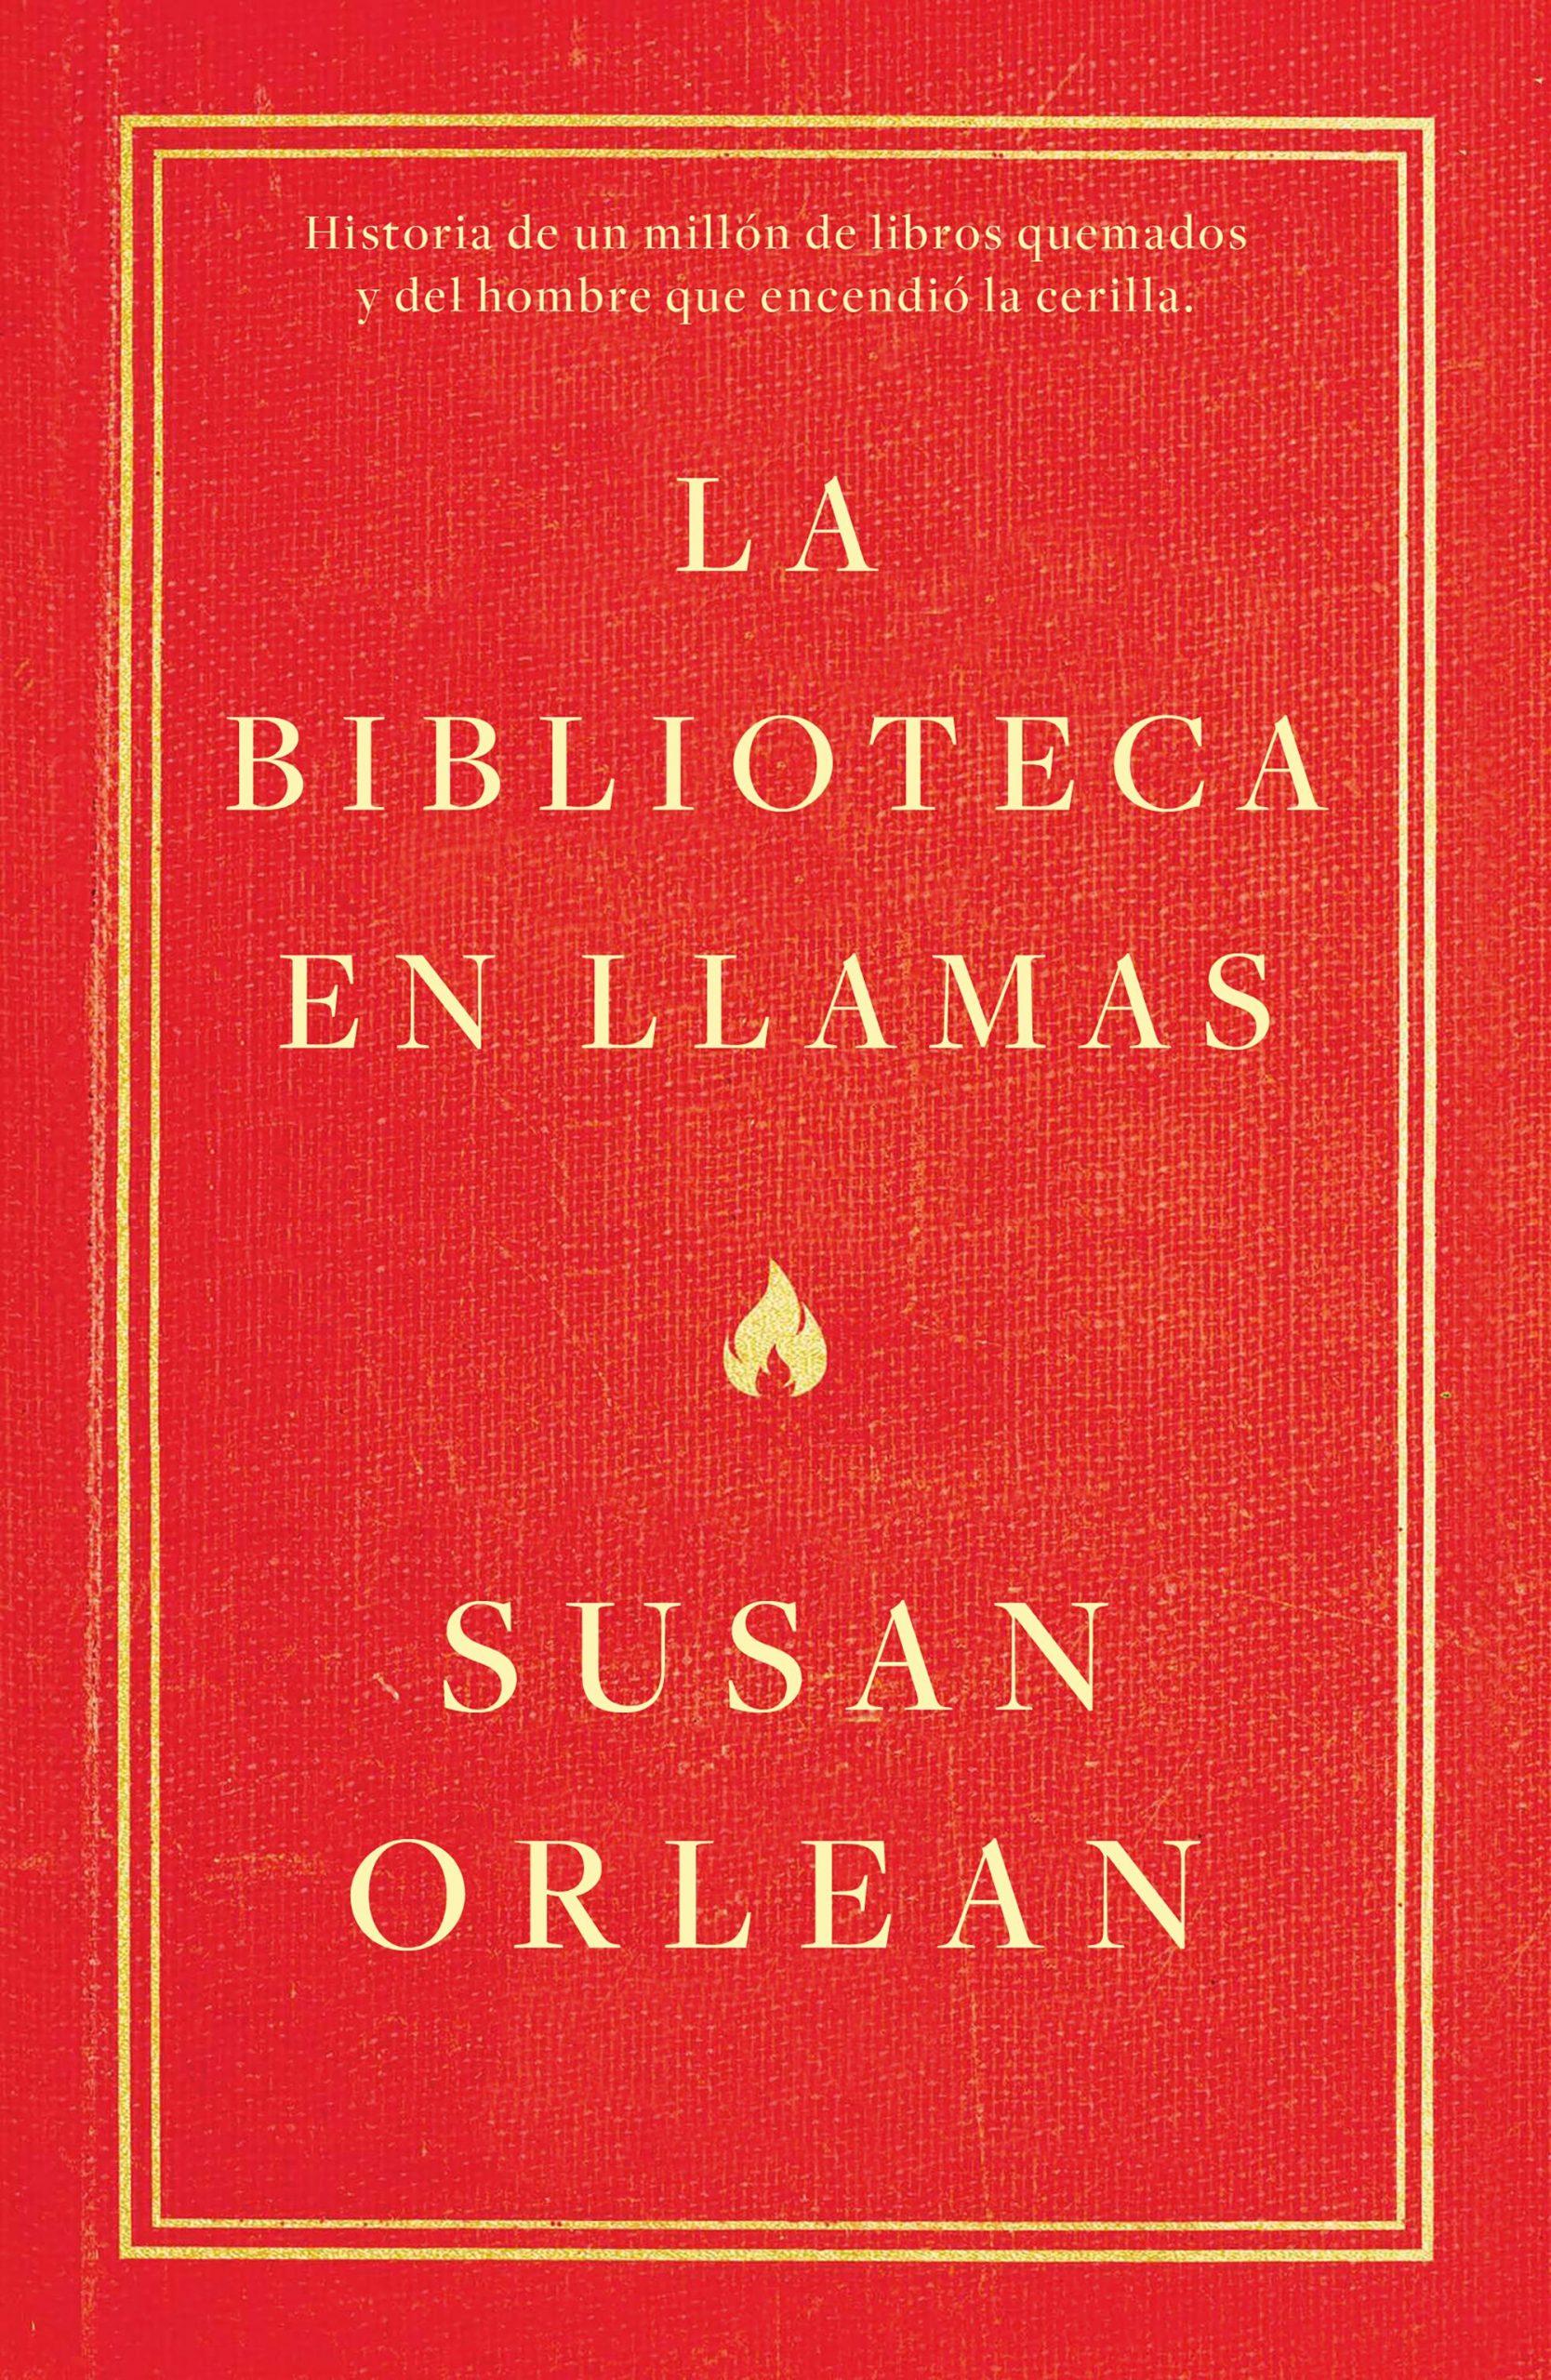 La biblioteca en llamas, de Susan Orlean - La piedra de Sísifo